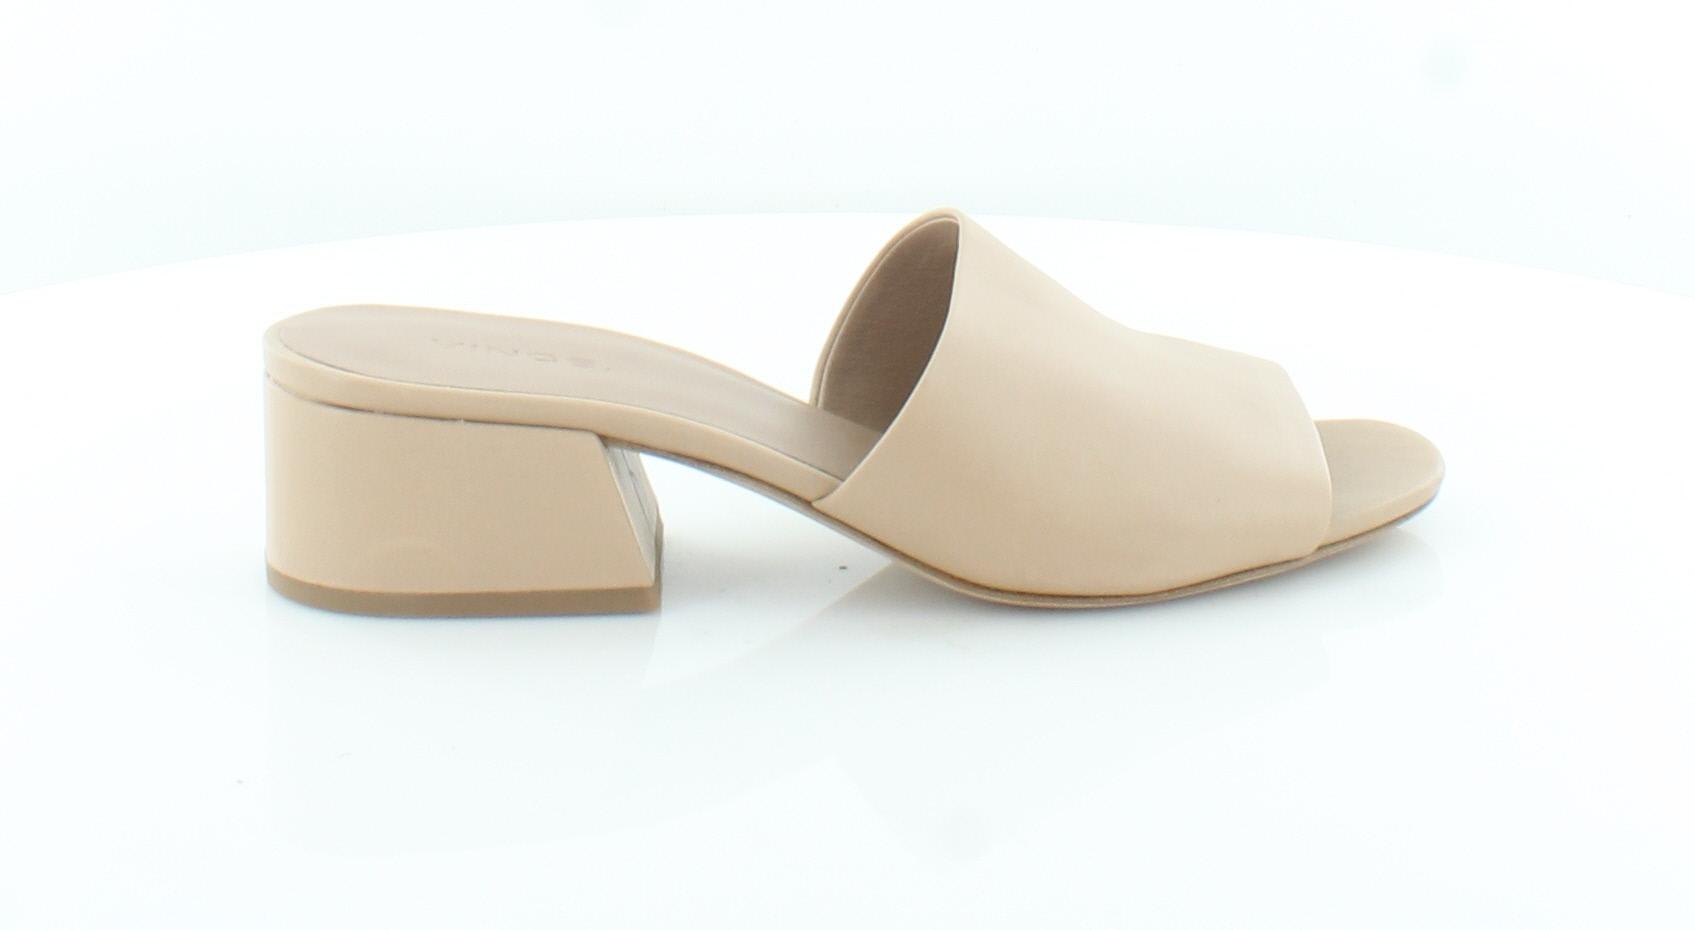 VINCE KARISSA BEIGE Damenschuhe Schuhes Größe 8.5 8.5 8.5 M Sandales MSRP 275 ... f2ad76